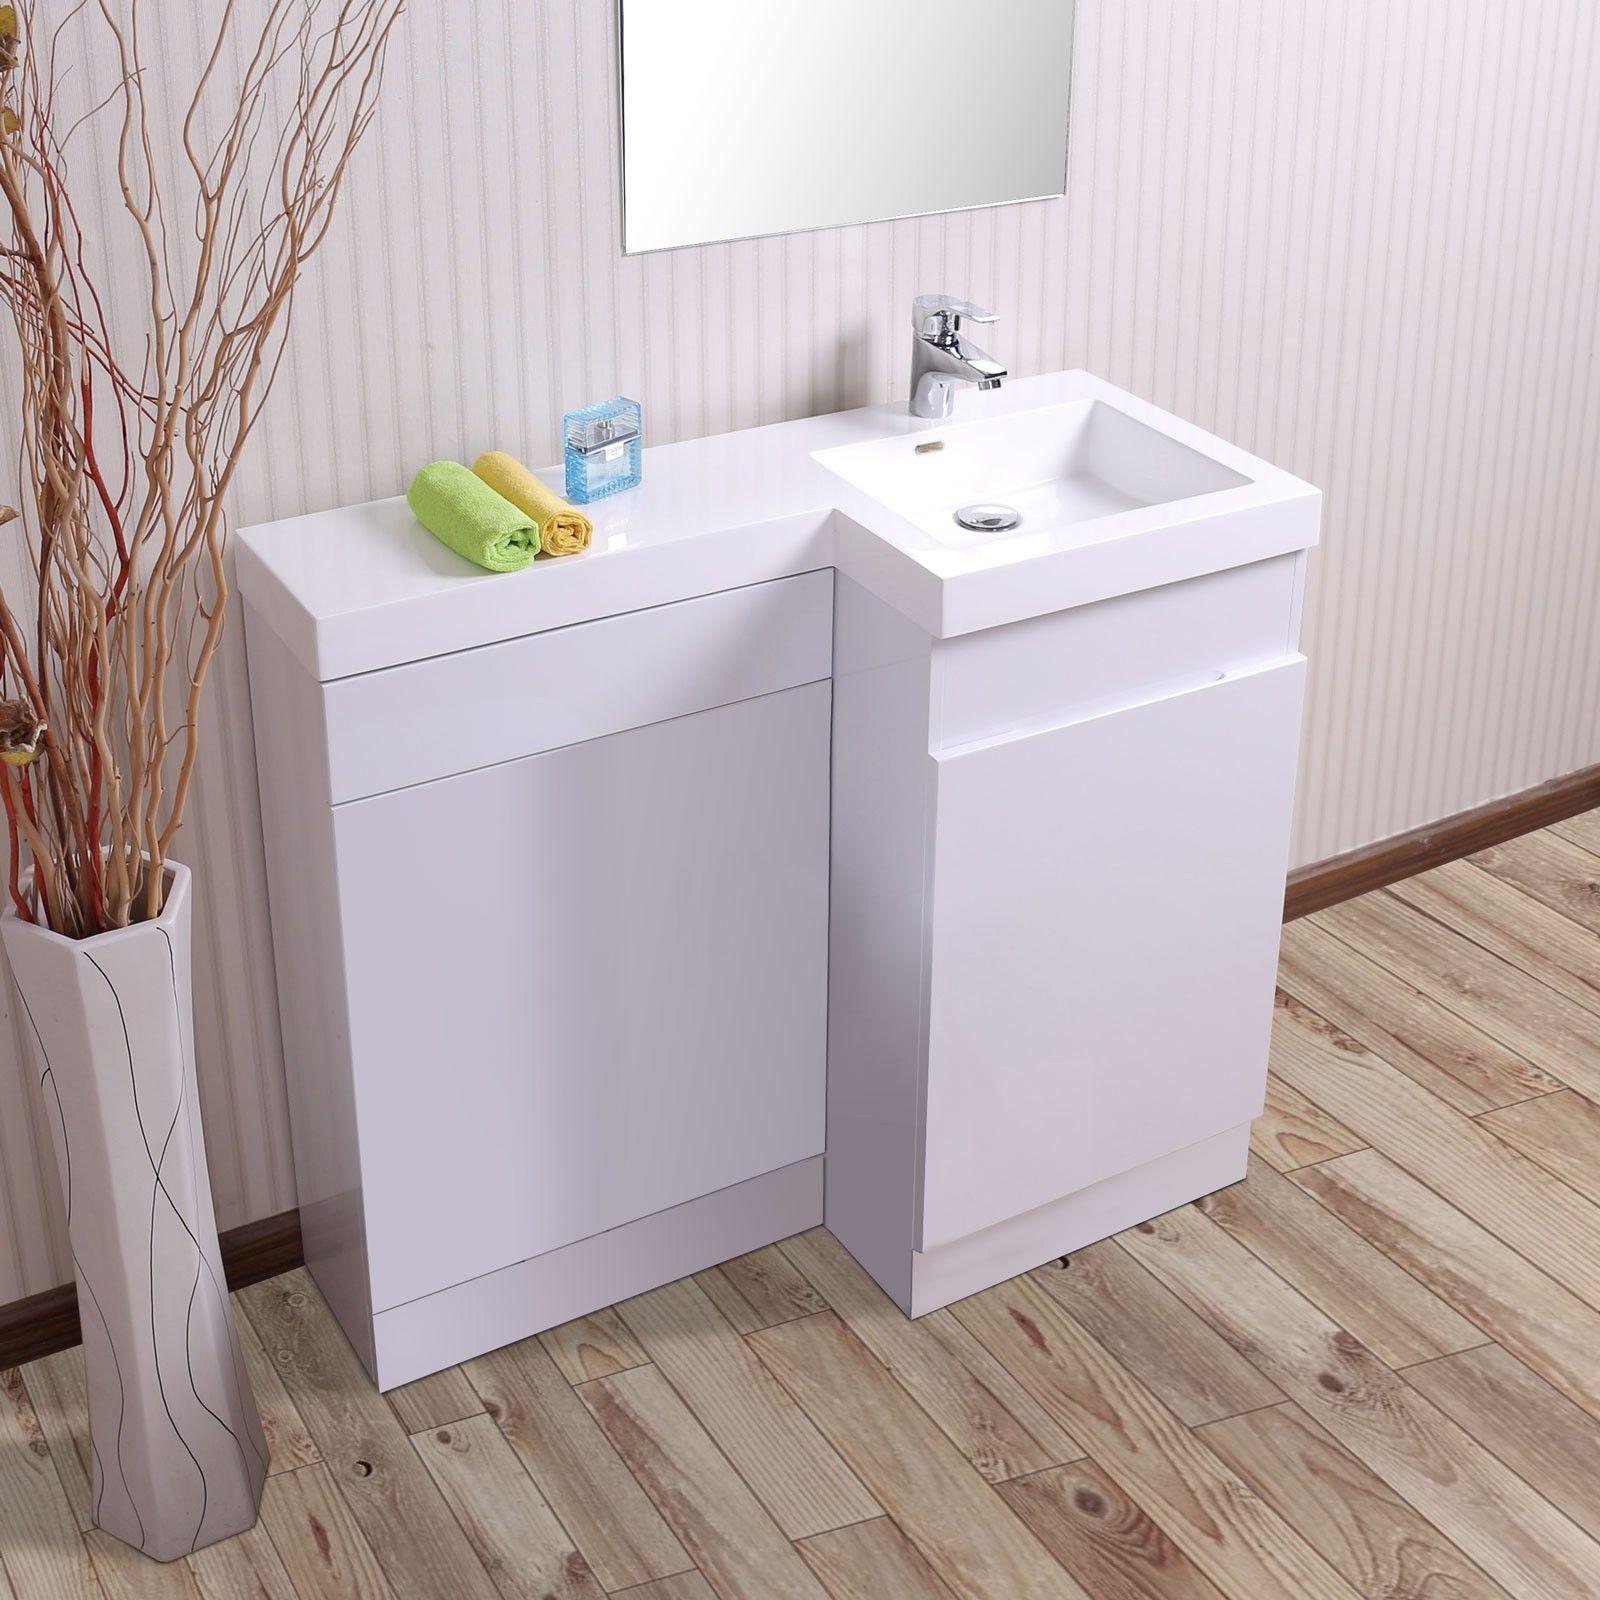 Aston Right Hand White Gloss Bathroom White Basin Vanity Unit U0026 Toilet Unit    1000mm